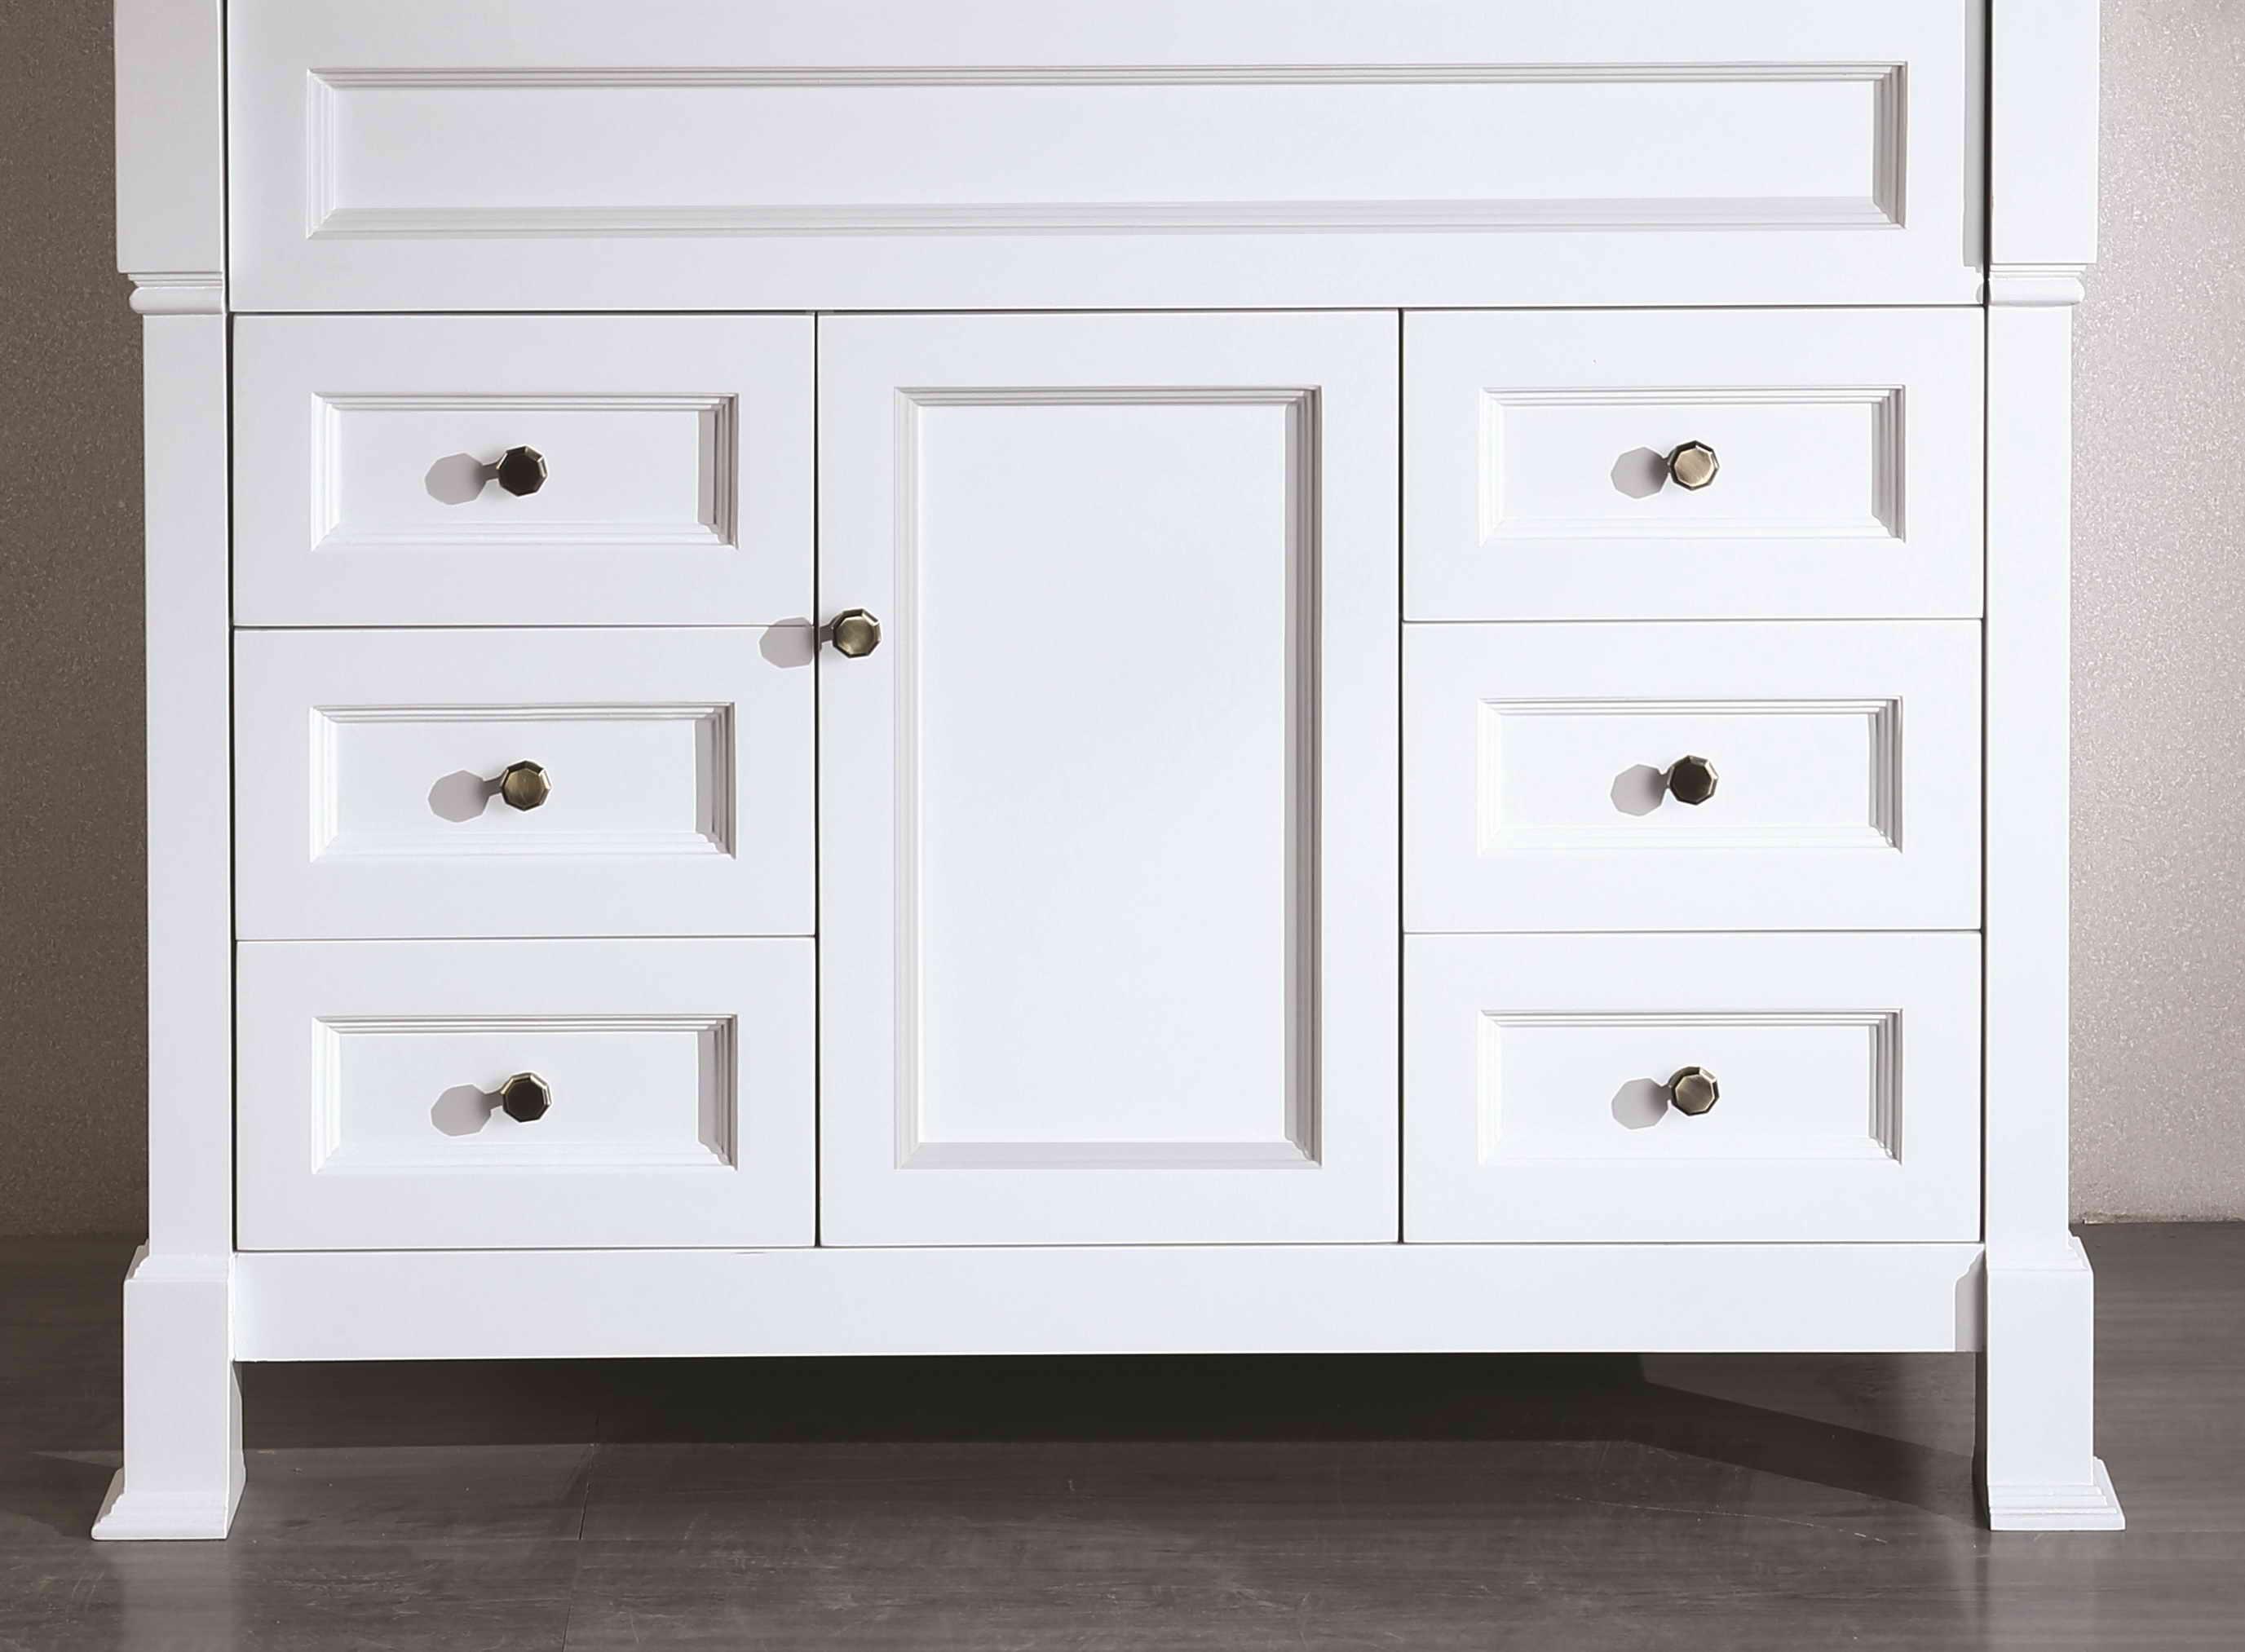 Bosconi SB-278WHMC 43 Inch Main Cabinet in White